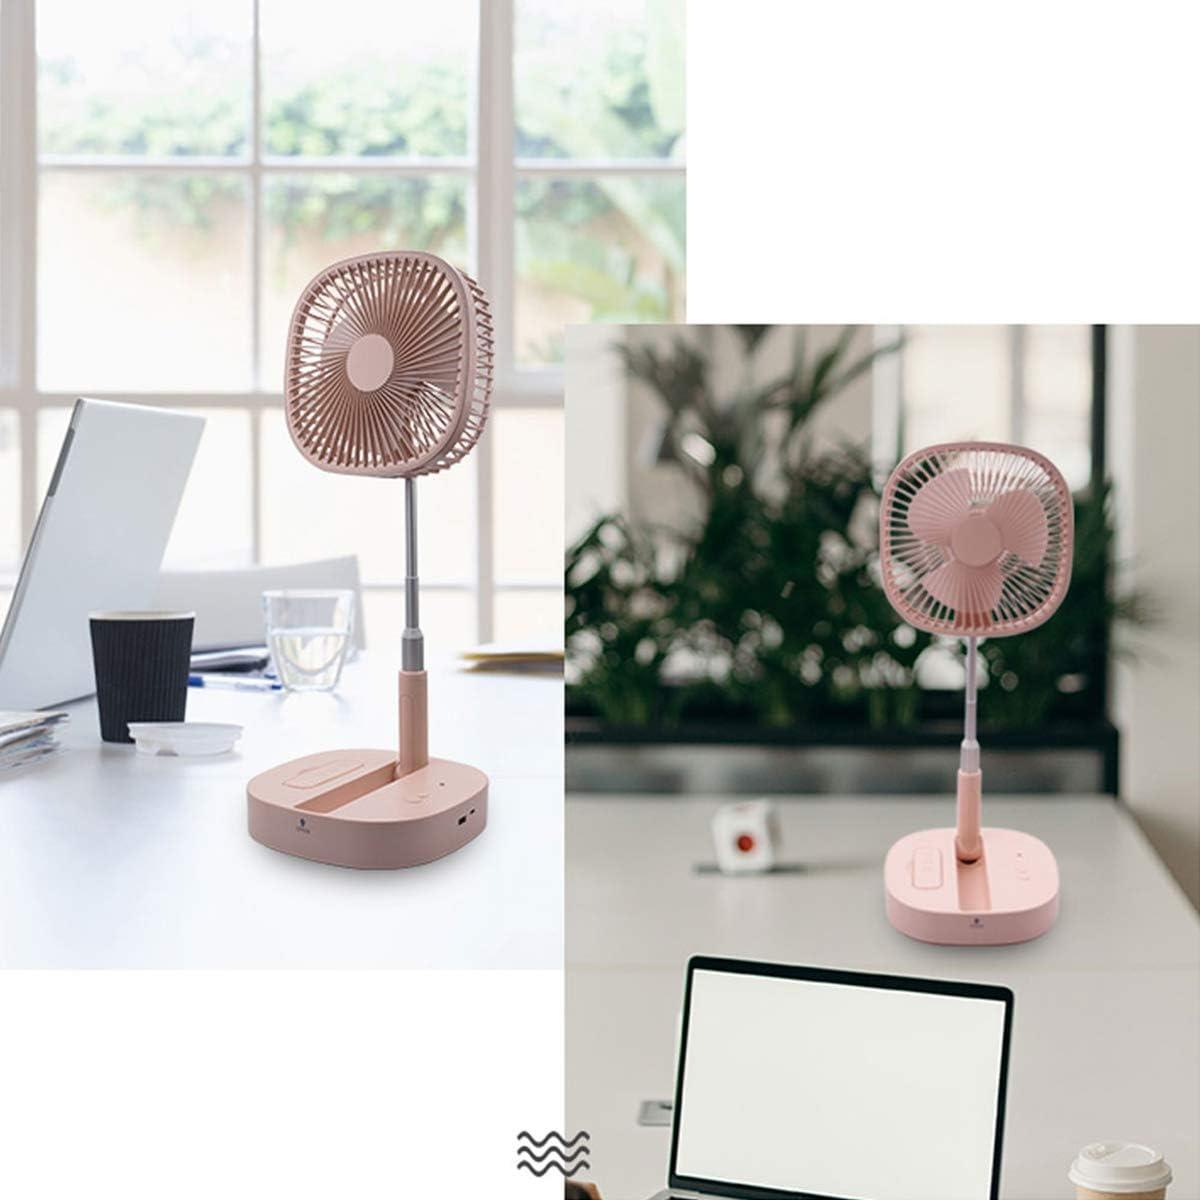 In hoogte verstelbare staande ventilator opvouwbare Oscillerende voetstuk ventilator 4 snelheden USB Desktop Telescopische Koeler voor Home Office Woonkamer Slaapkamer roze roze